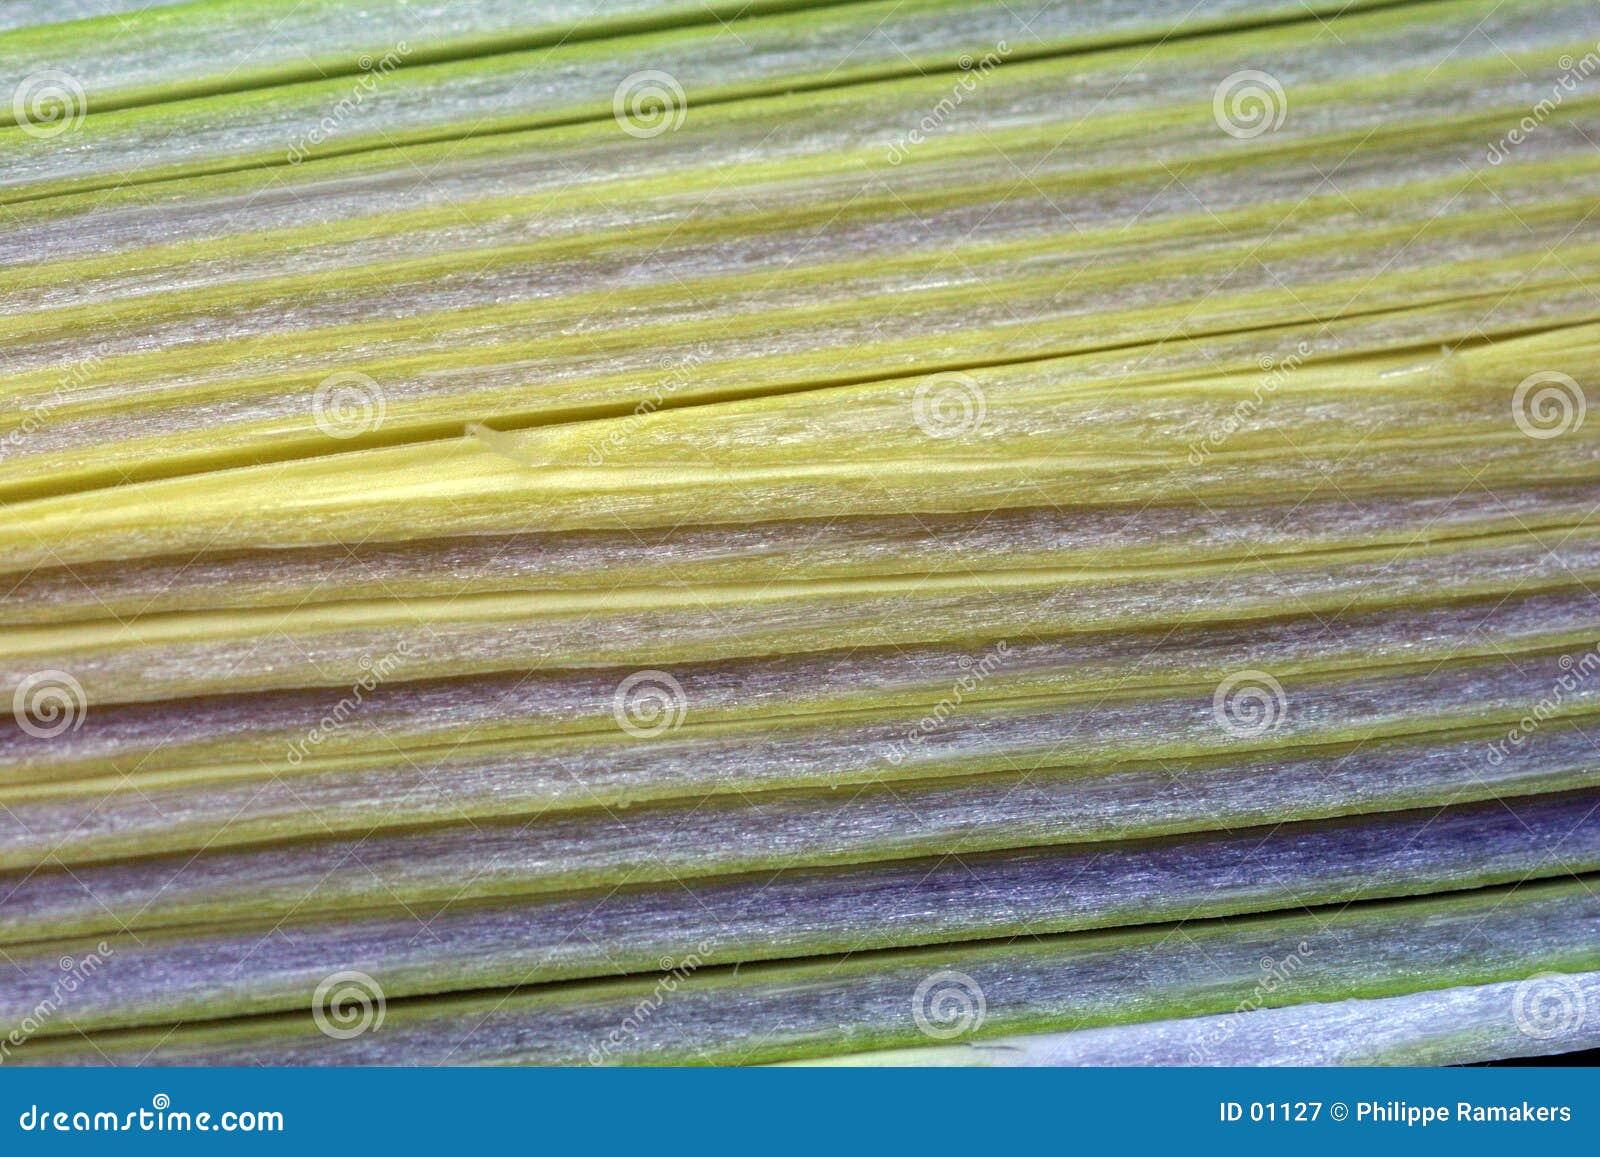 Roślinnych włókien